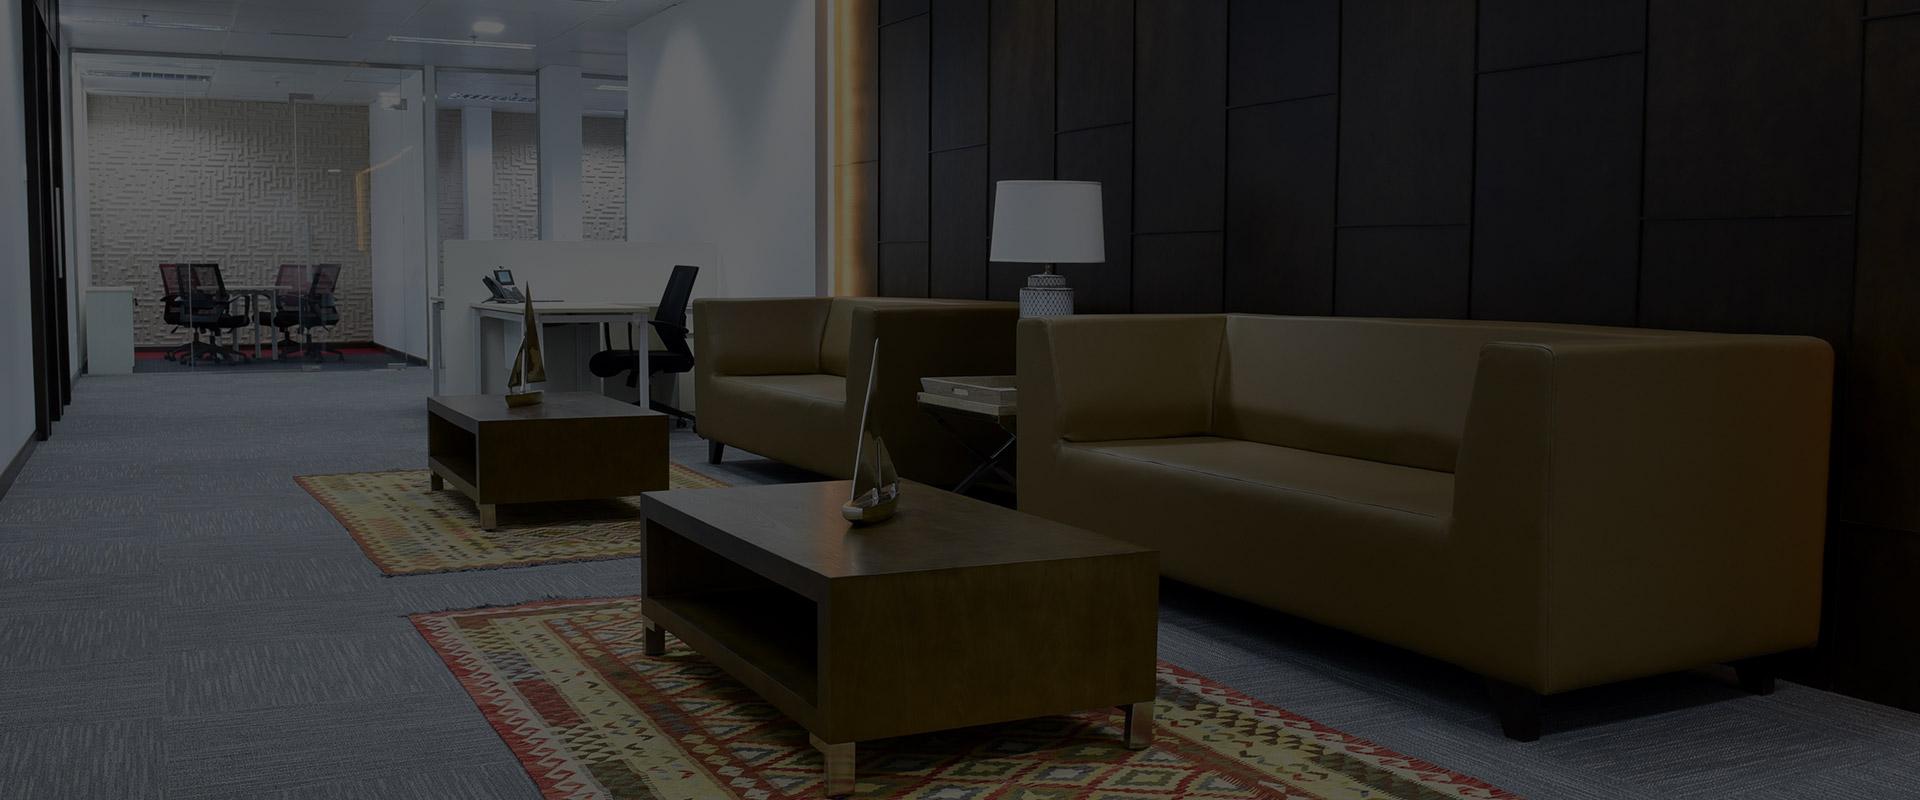 Best Interior Design Company In Colombo Sri Lanka C Plus Design